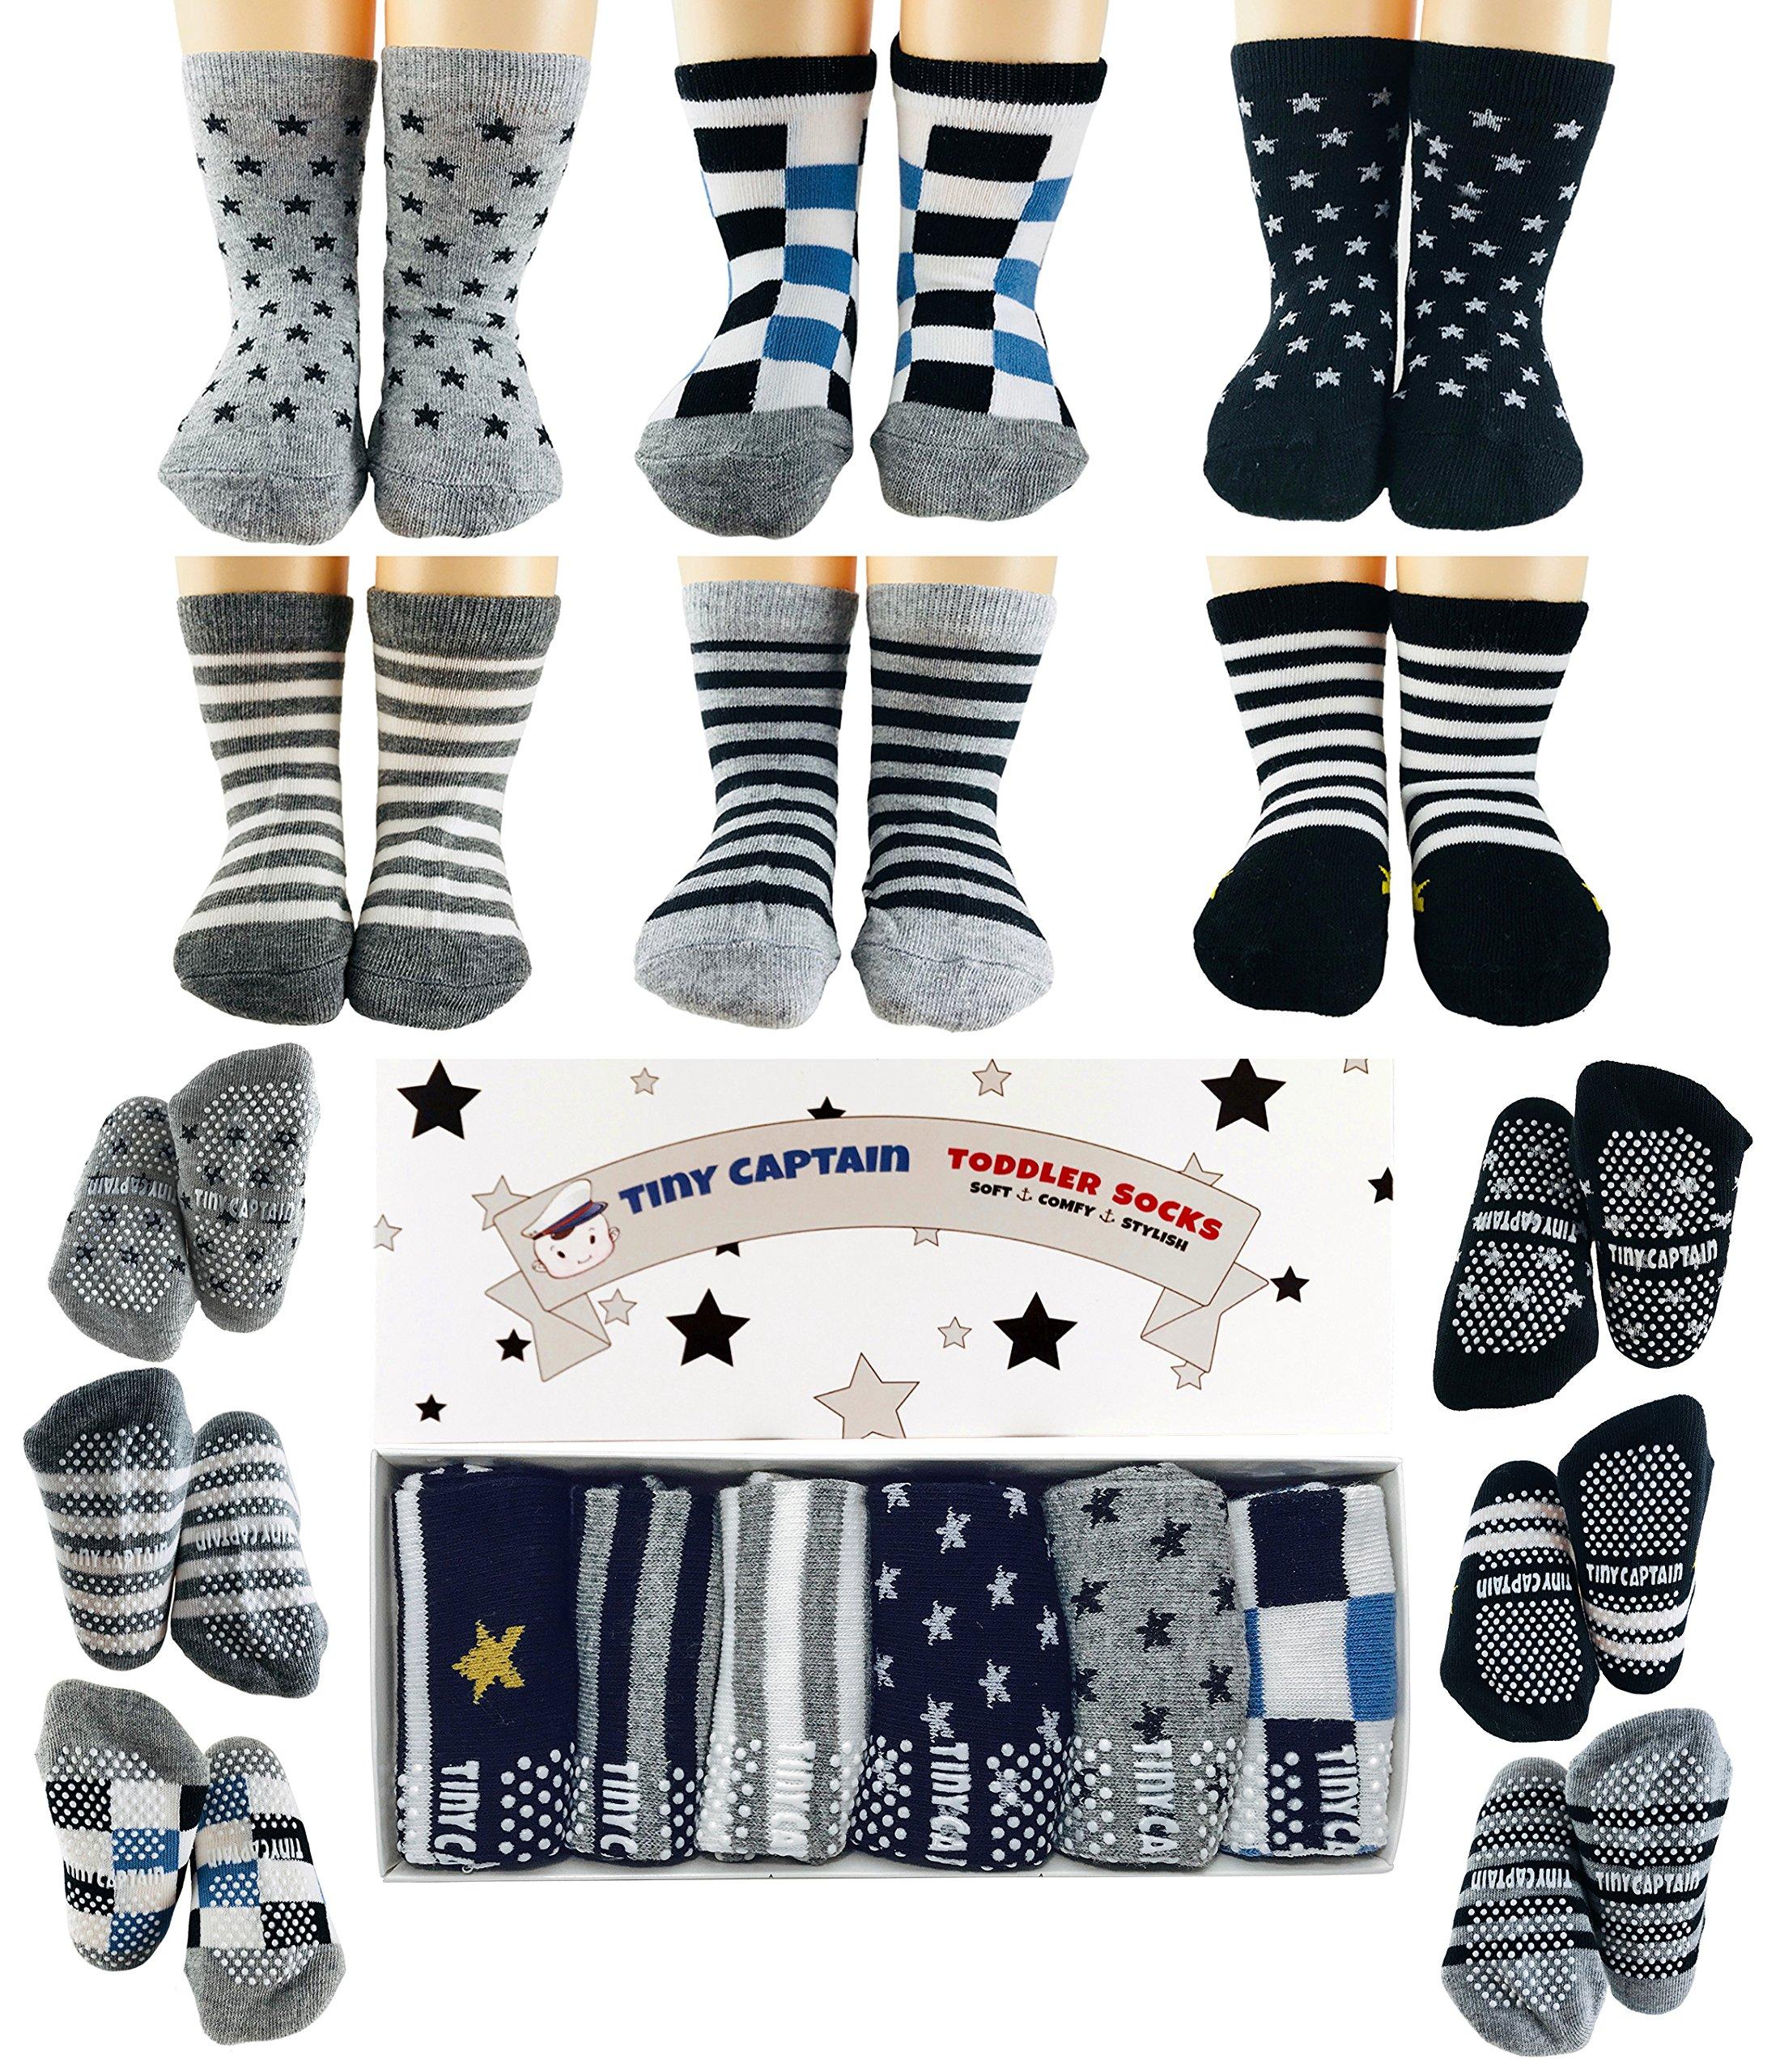 Tiny Captain Toddler Boy Non Slip Socks, Best Gift for 1-3 Year Old Boys Anti Slip Non Skid Grip Sock Birthday Gift